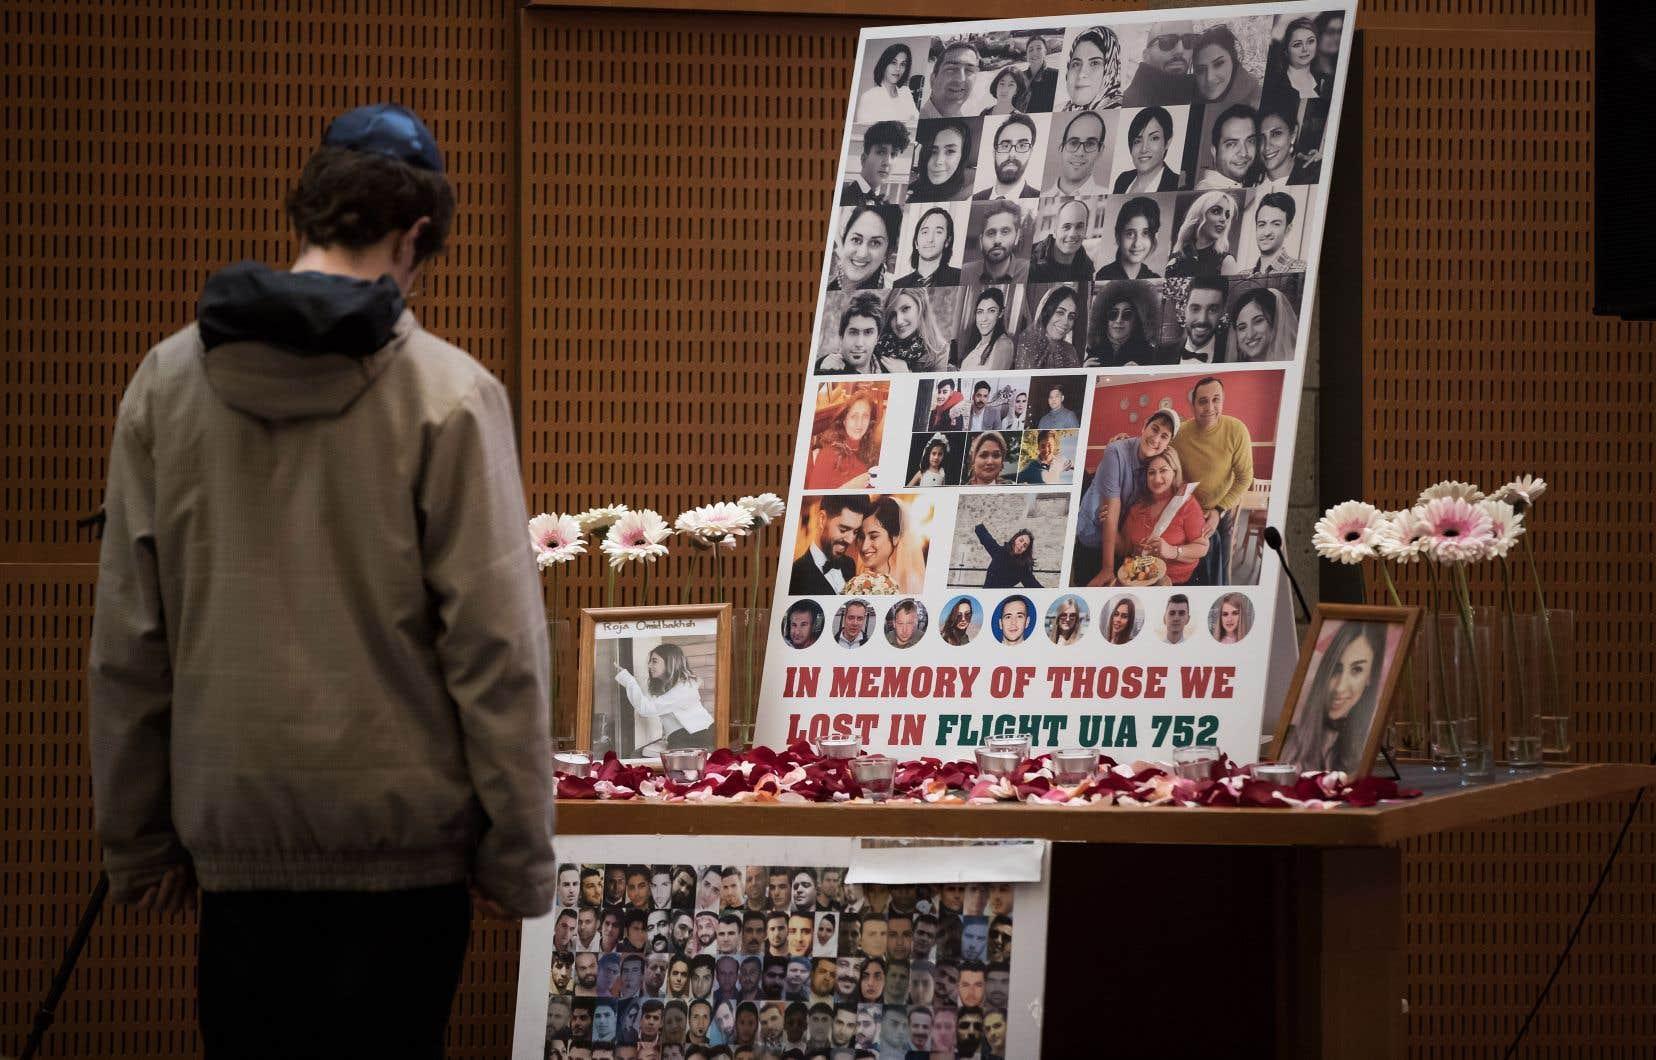 Les 176 victimes étaient principalement des Irano-Canadiens.